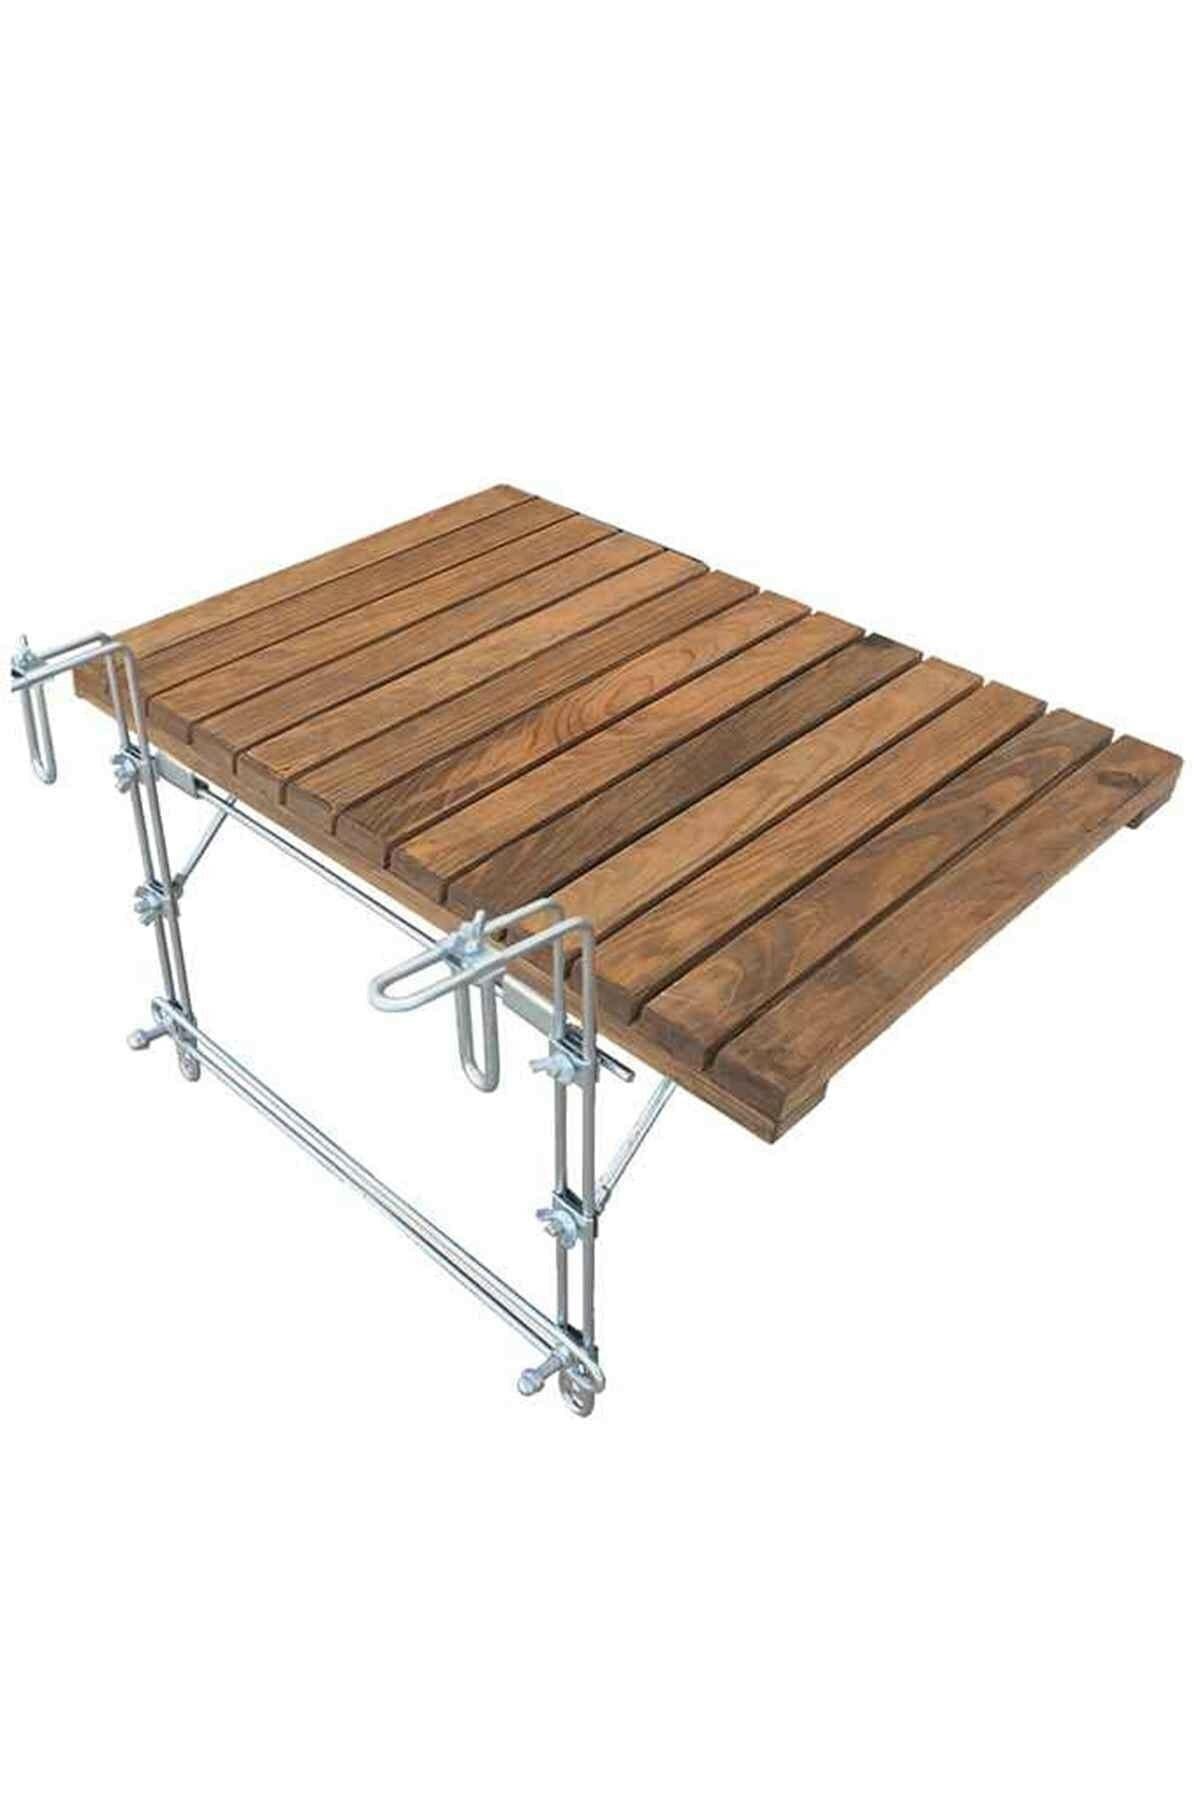 Складной стол для балкона, складной стол для балкона, модель 2021, деревянная подставка, Размер 40 см x 60 см